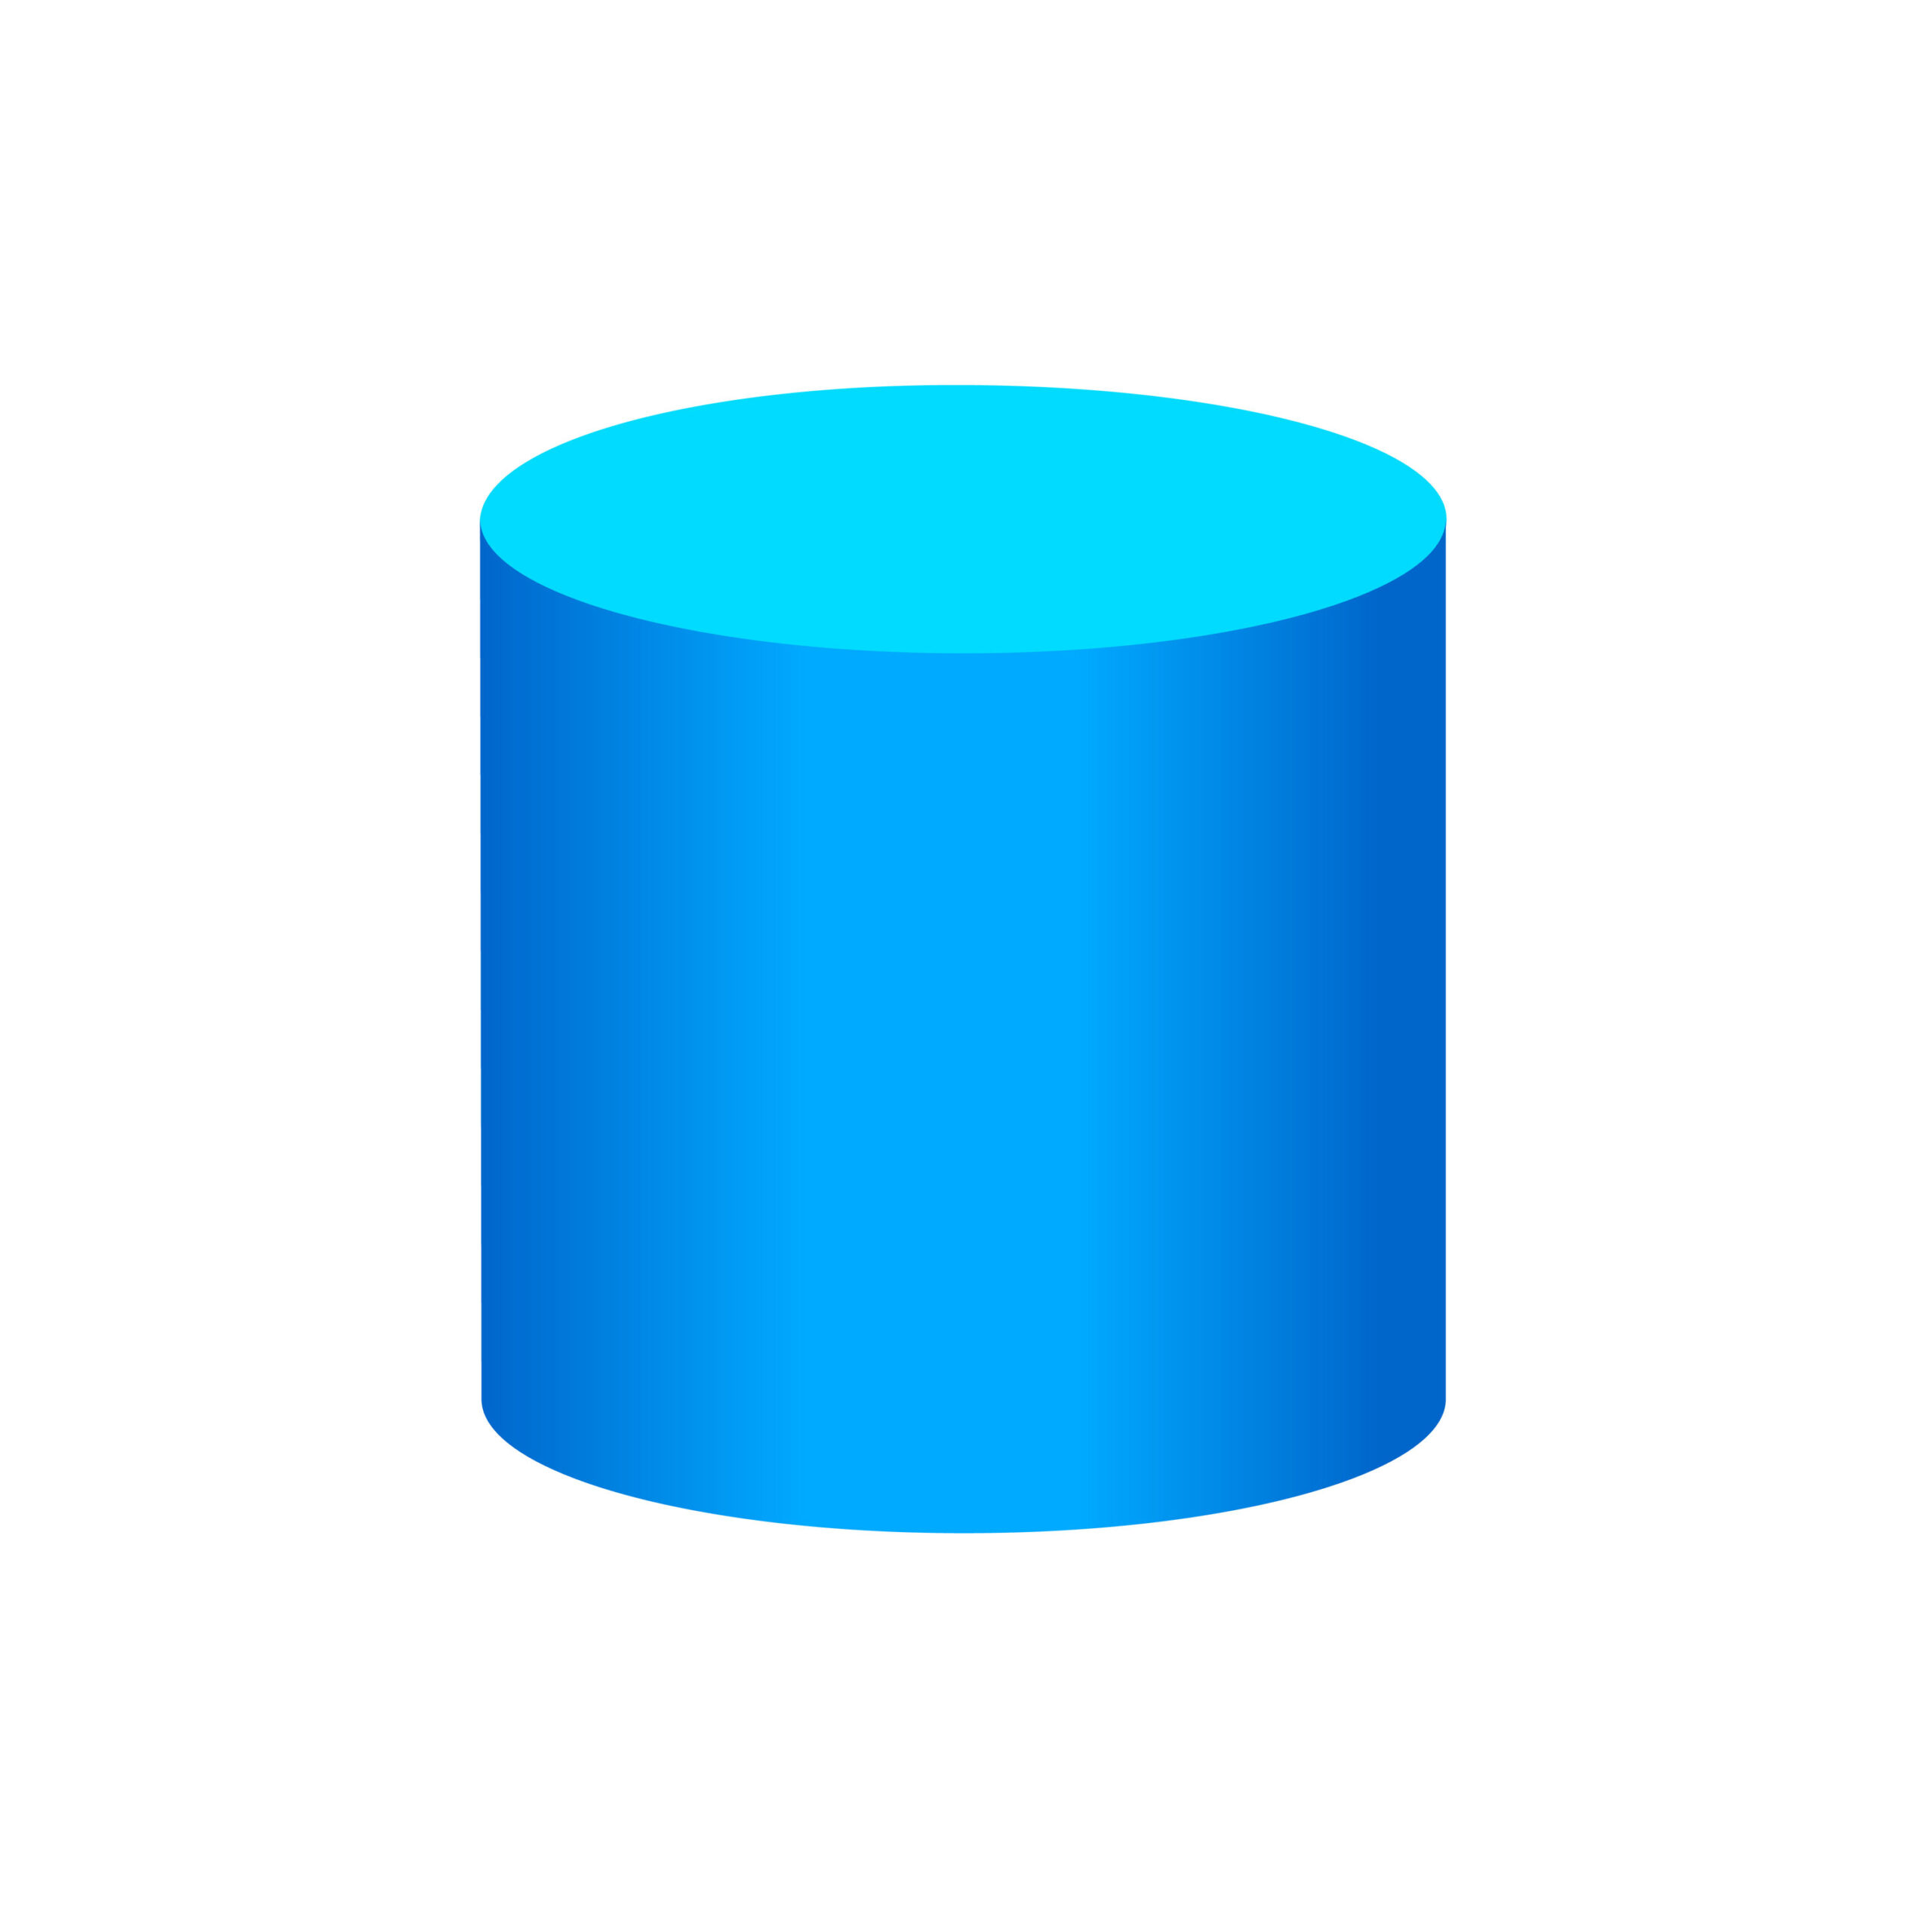 Utregning av volum av sylinder matematikk